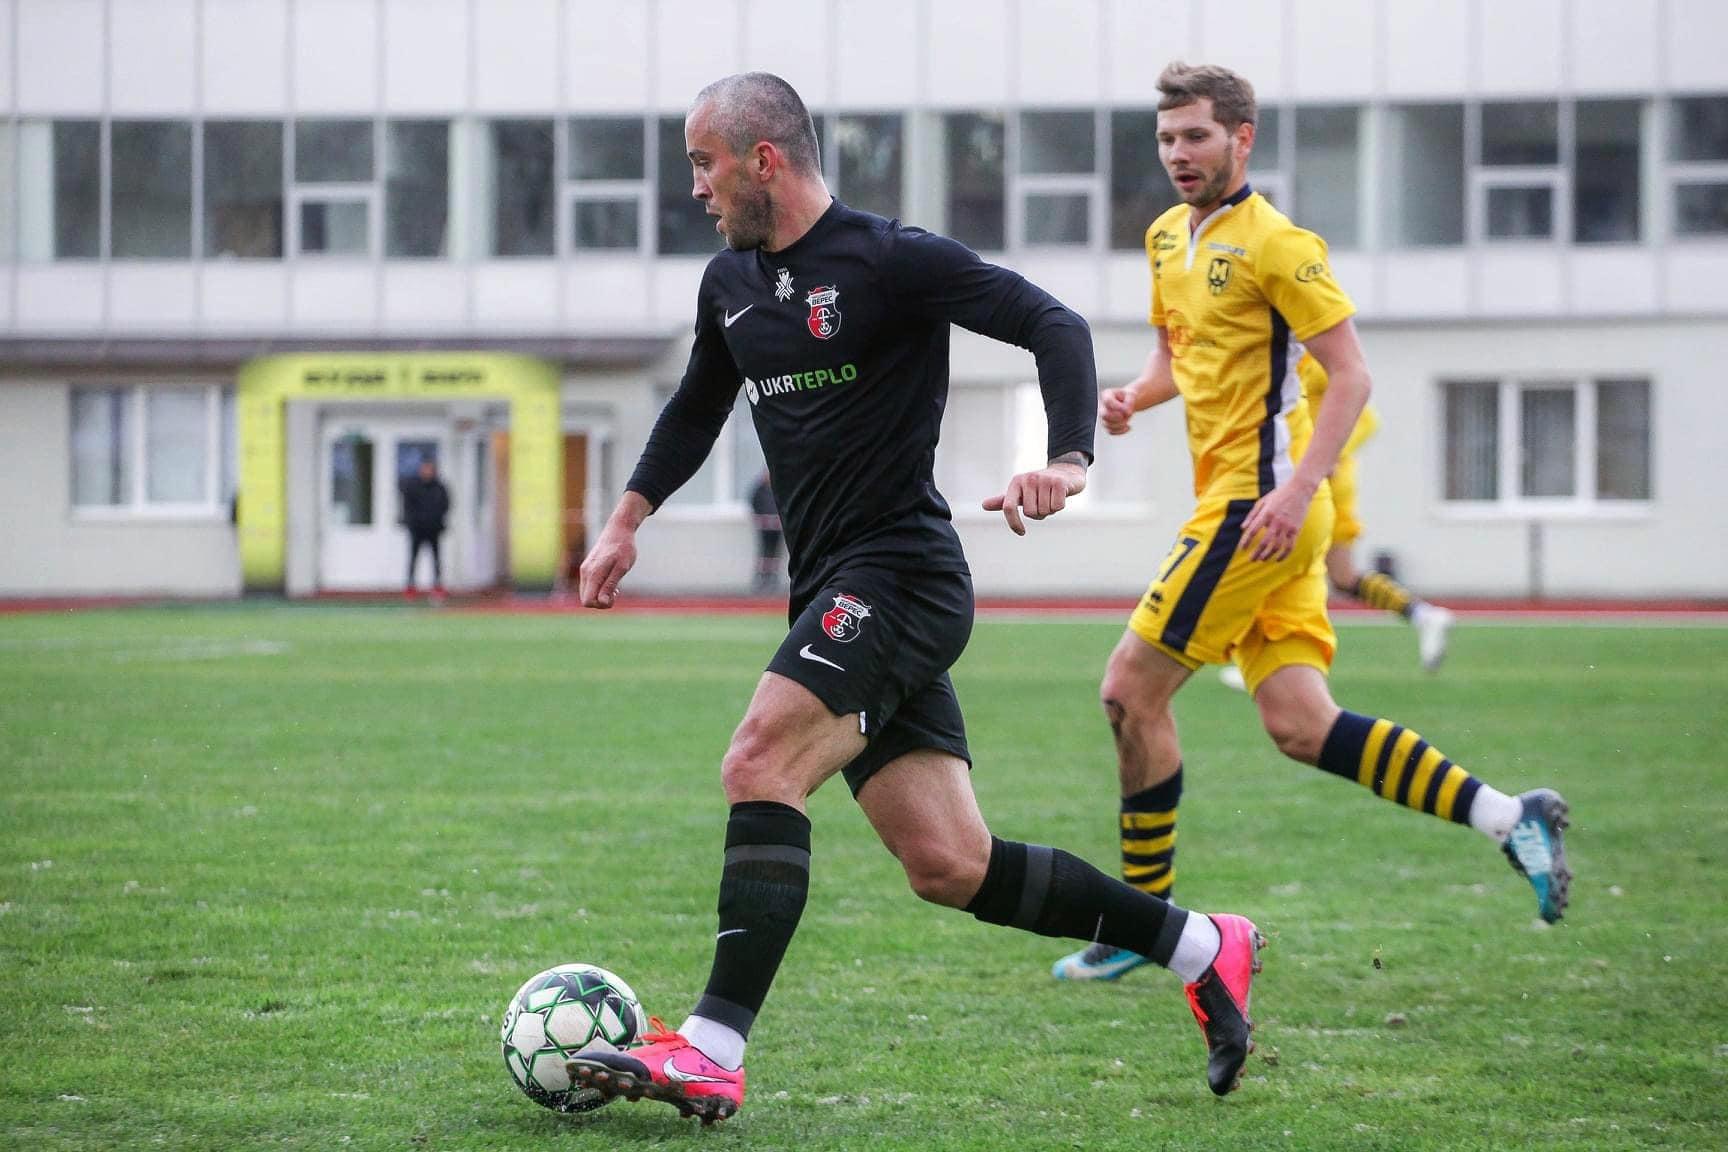 Збірна півріччя чемпіонату Першої ліги від UA-Футбол - изображение 11